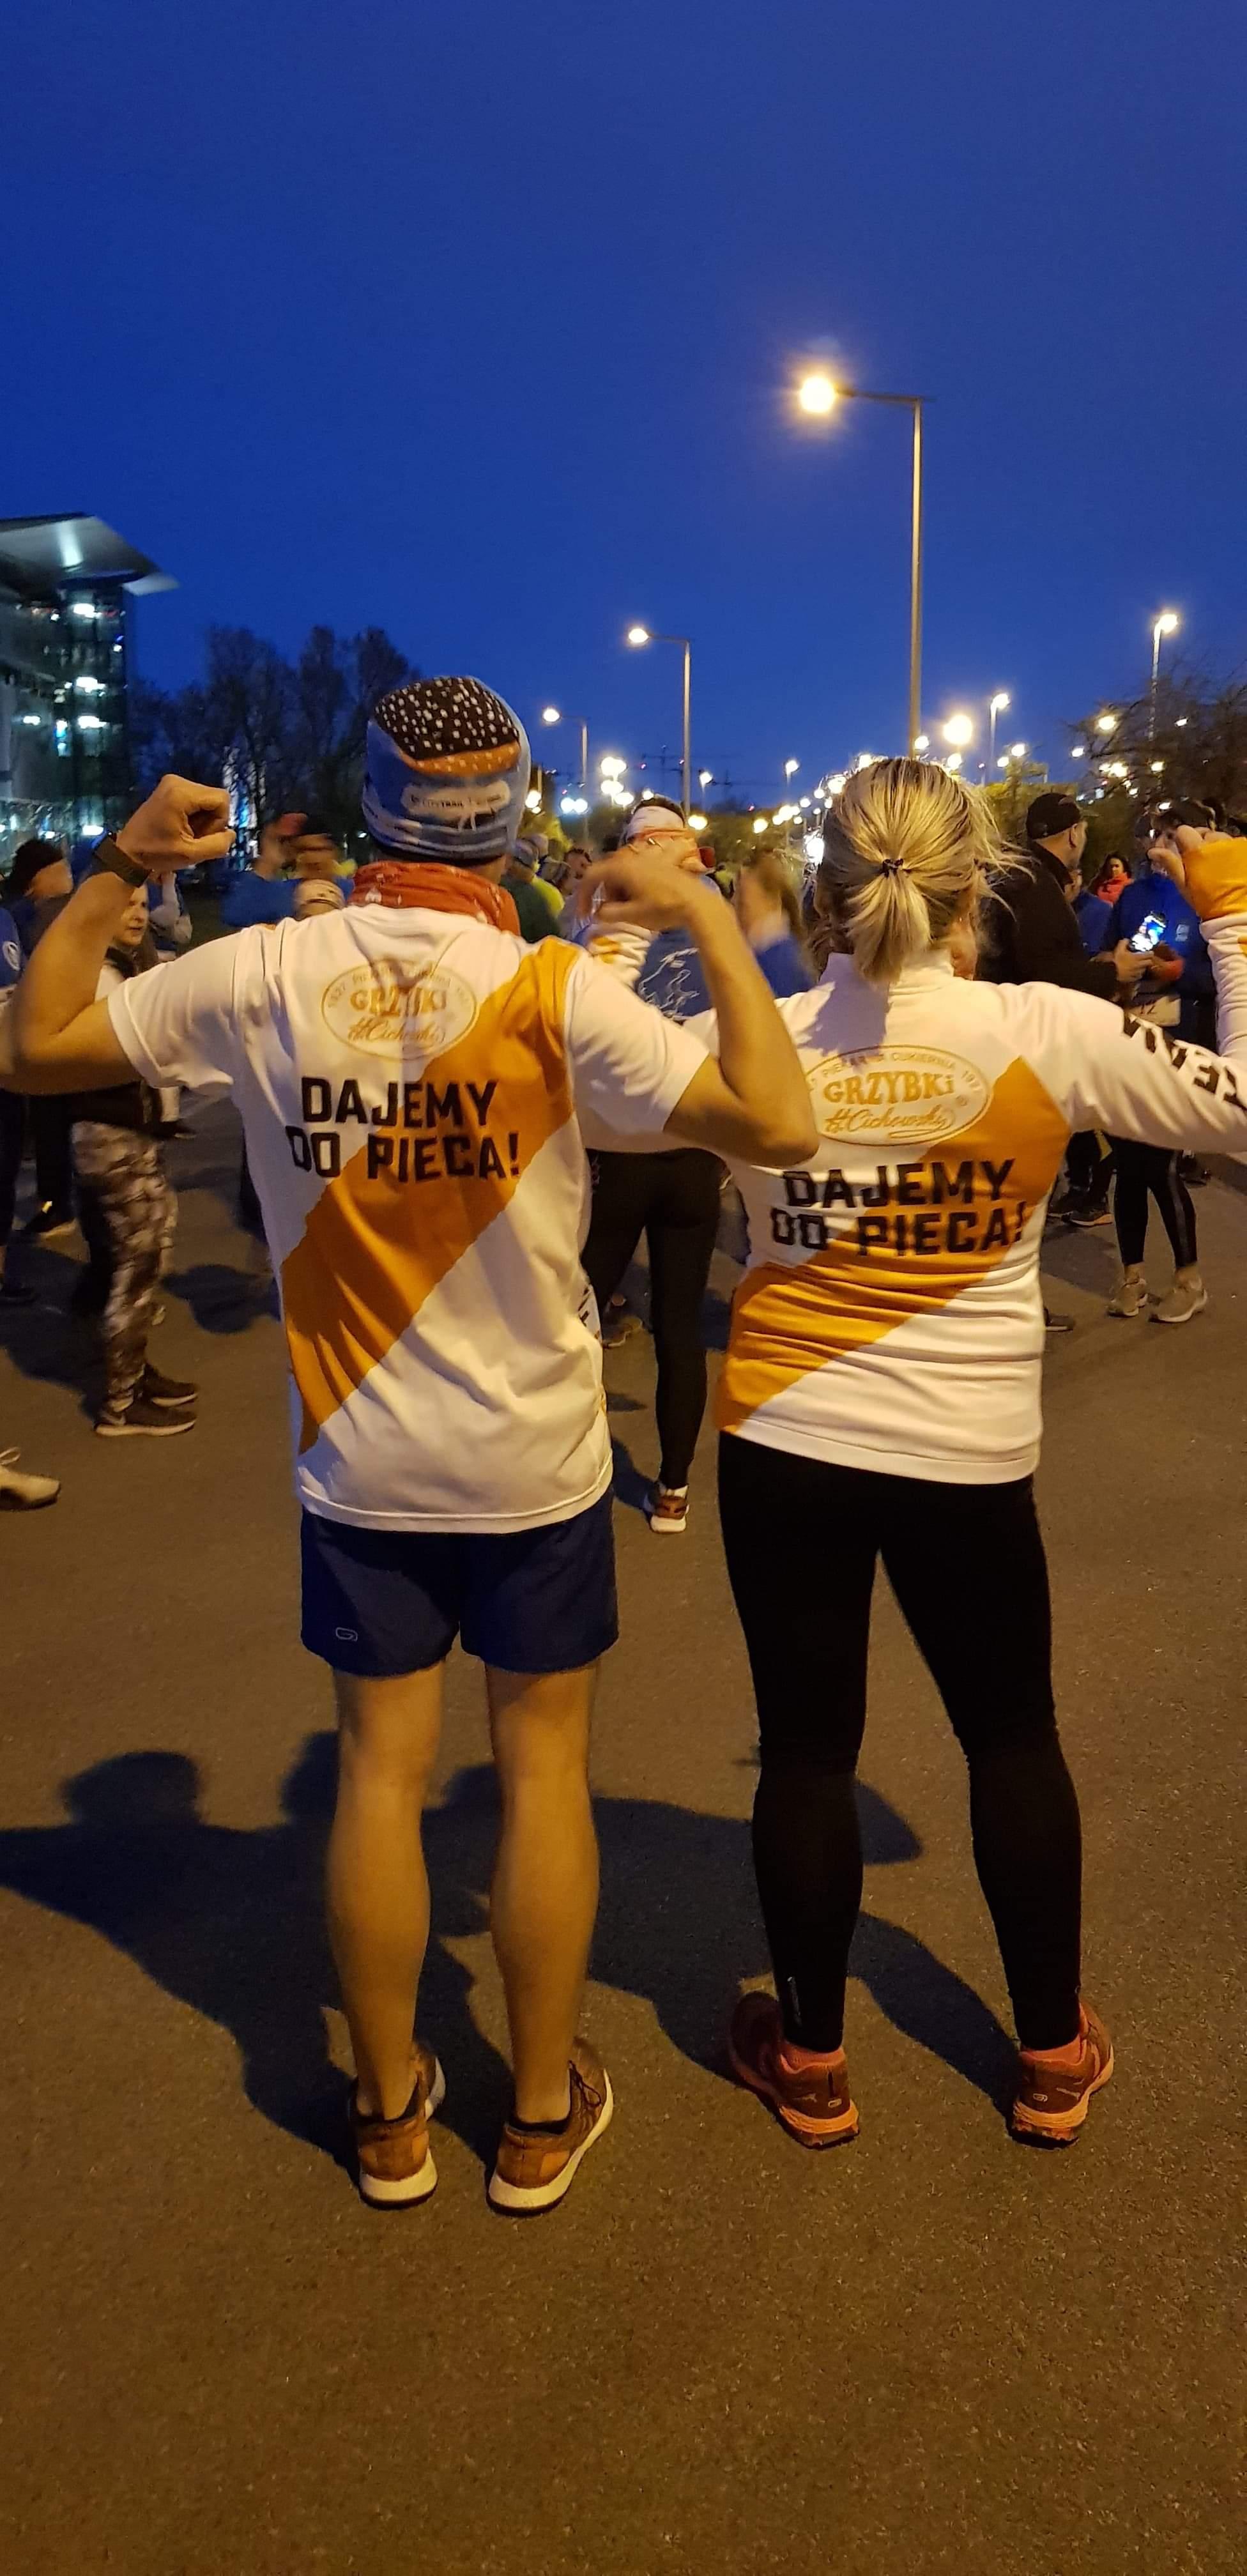 Ania i Łukasz gotowi do biegu.   Etapowy Maraton Pokoju - Bitwa o Narwik - Warszawa 10 kwietnia 2019r.